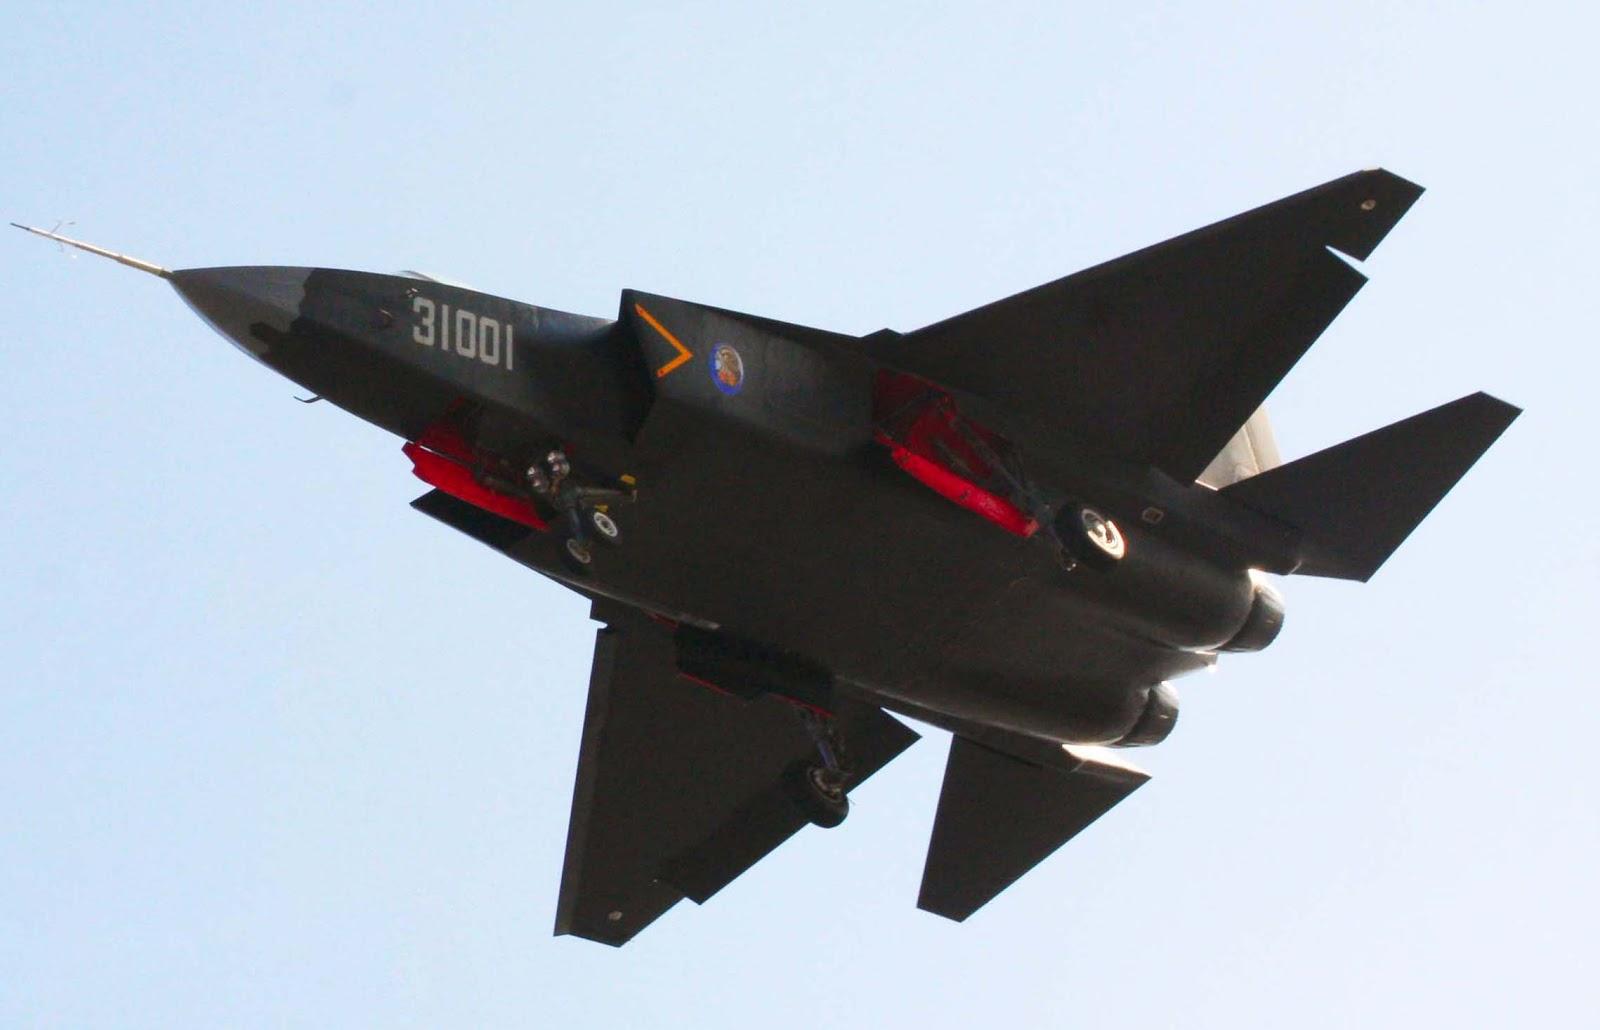 TQ bị tố đánh cắp cả kho dữ liệu mật về F-35 Mỹ - 2